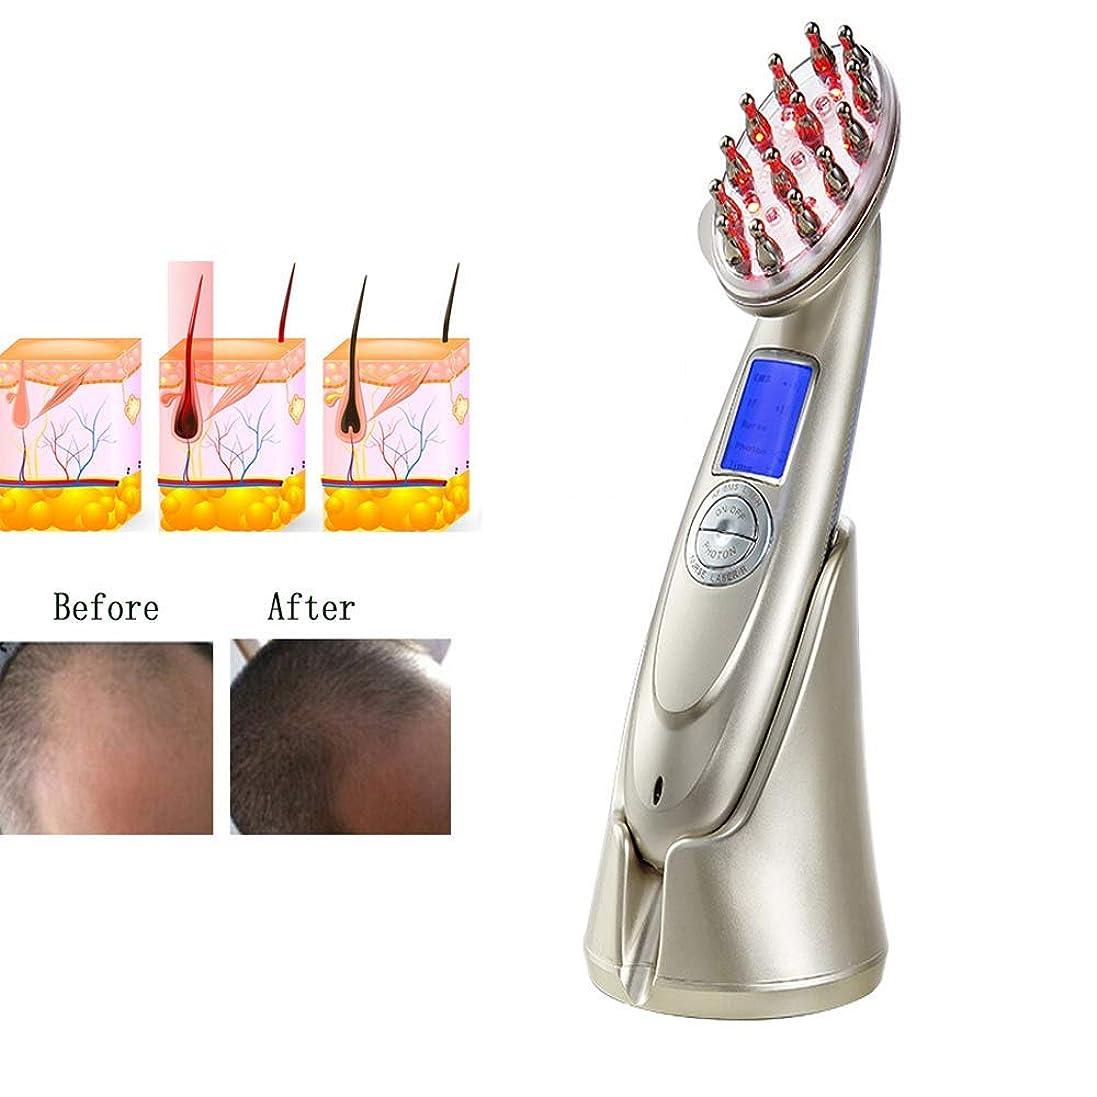 レスリング有彩色の契約RF EMS LED光子光療法のヘアブラシが付いている専門の電気毛の成長レーザーの櫛を改善して下さい